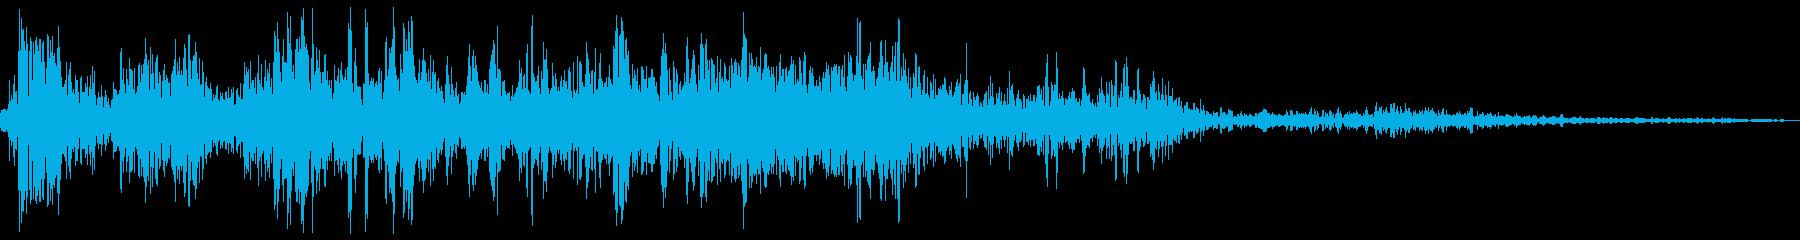 【銃声音007】ピストルの発砲音の再生済みの波形